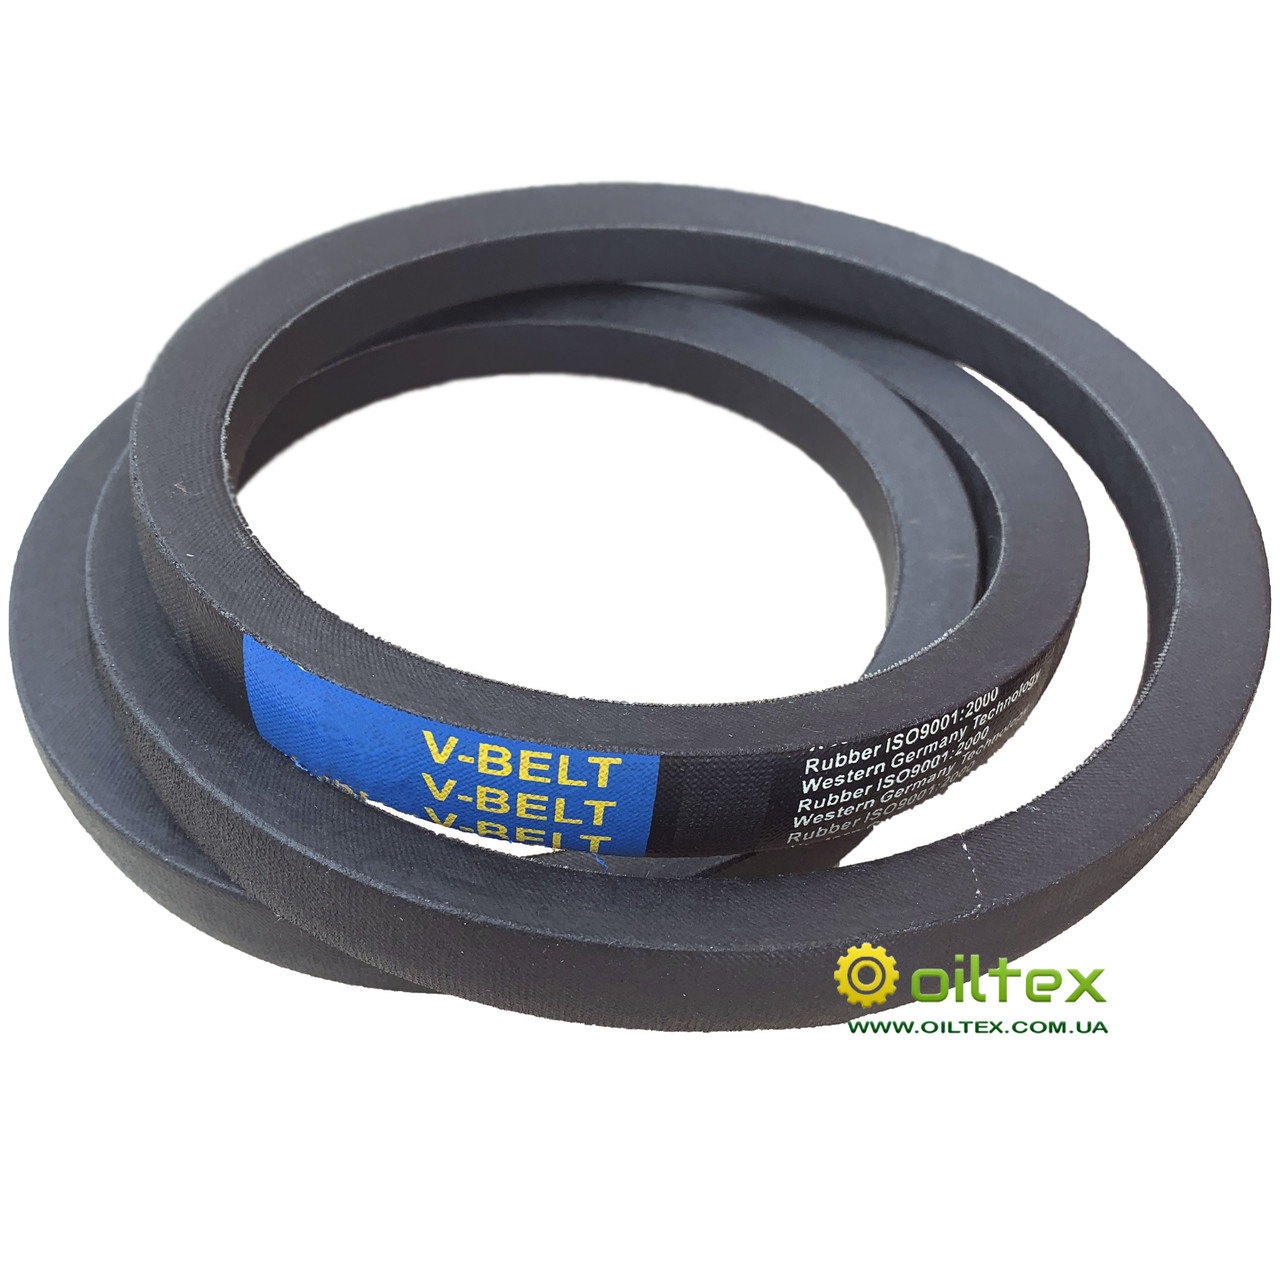 Ремень С-7100 V-BELT